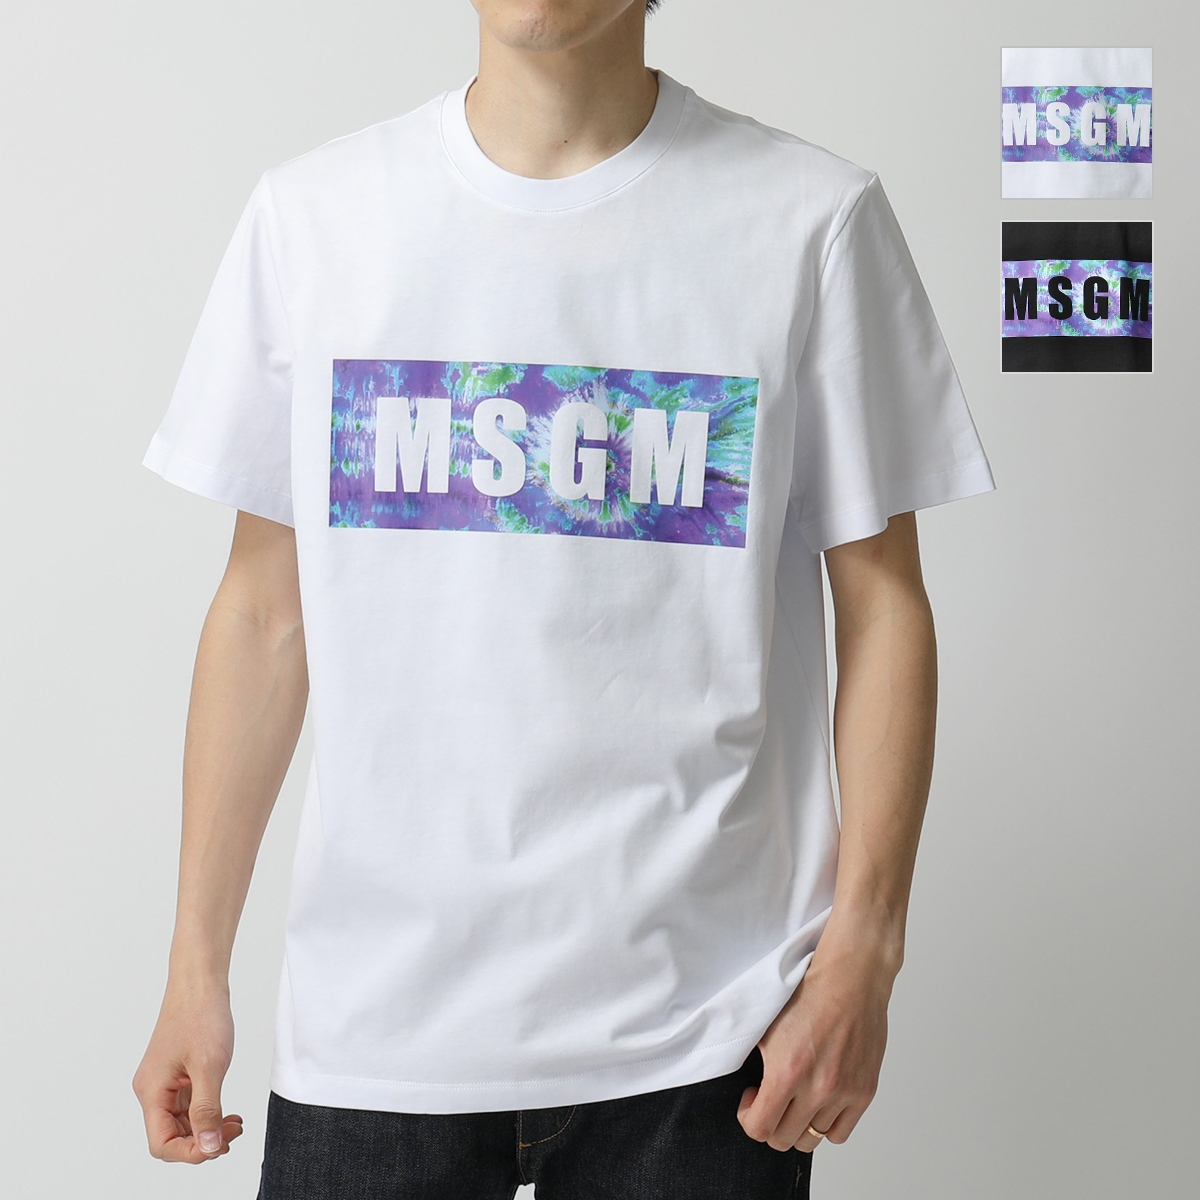 MSGM エムエスジーエム 2840 MM234 半袖 Tシャツ カットソー クルーネック ボックスロゴ カラー2色 メンズ